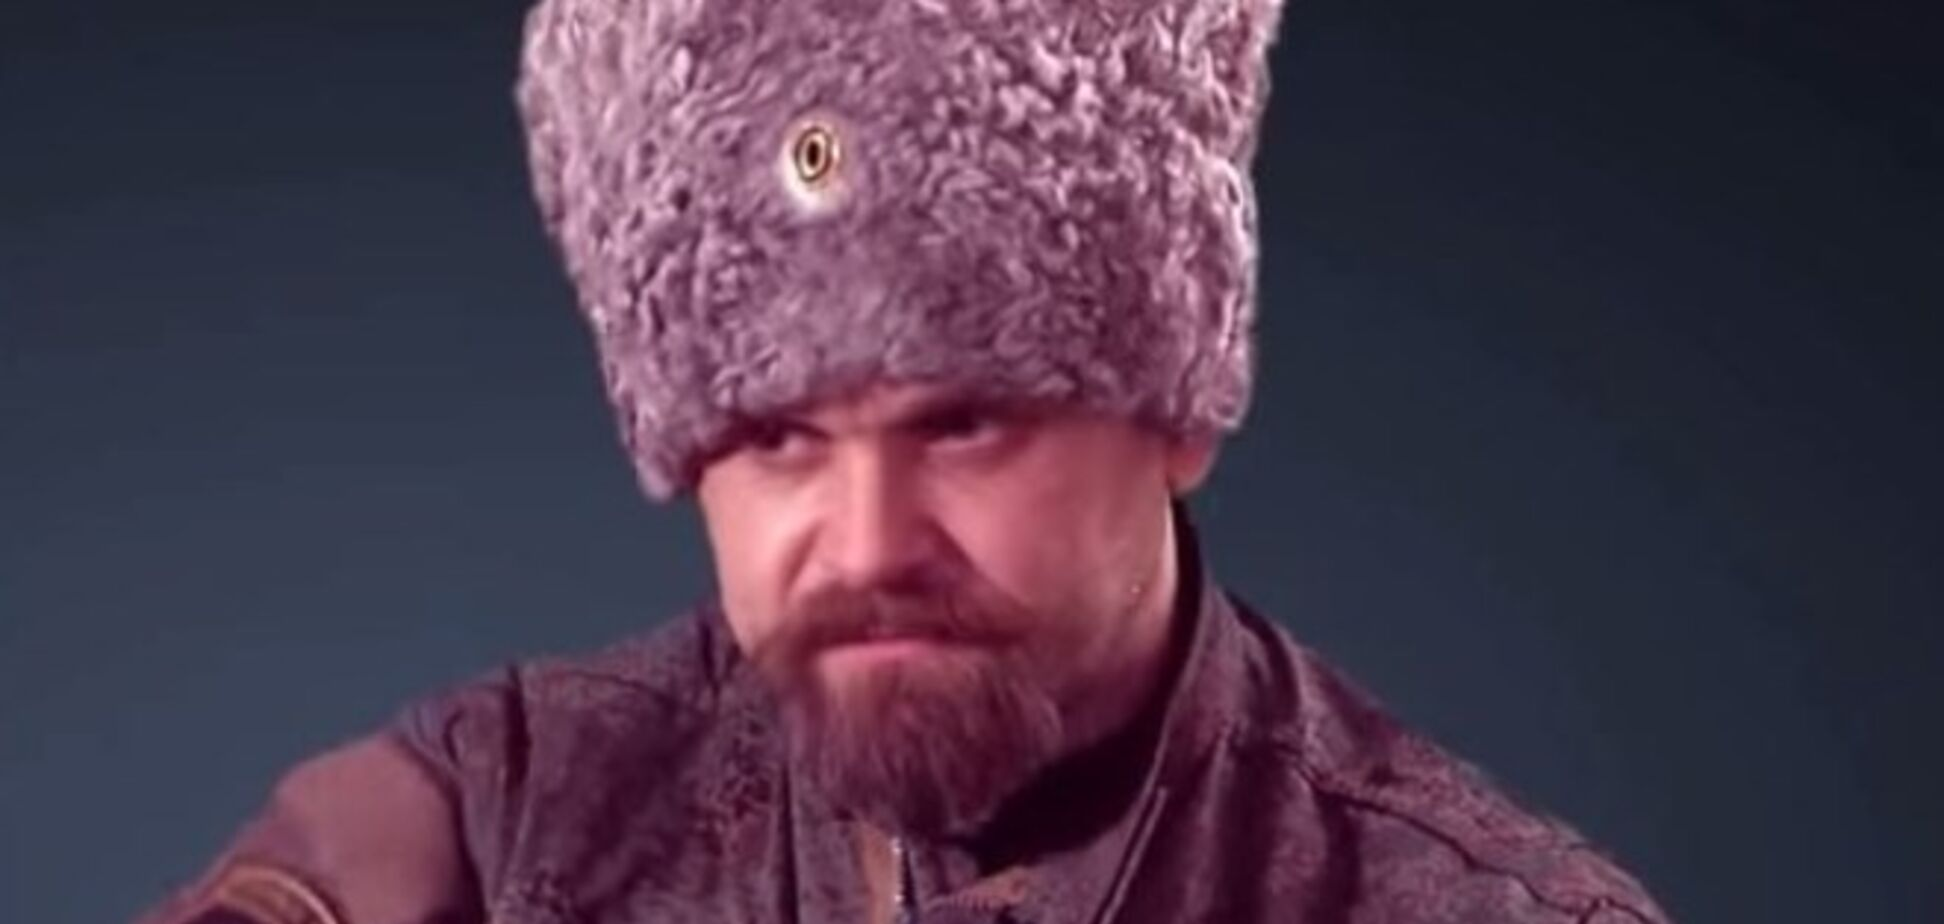 Террорист Мозговой уверен, что интерес к 'Новороссии' сильно упал, потому что жертв мало: опубликовано видео